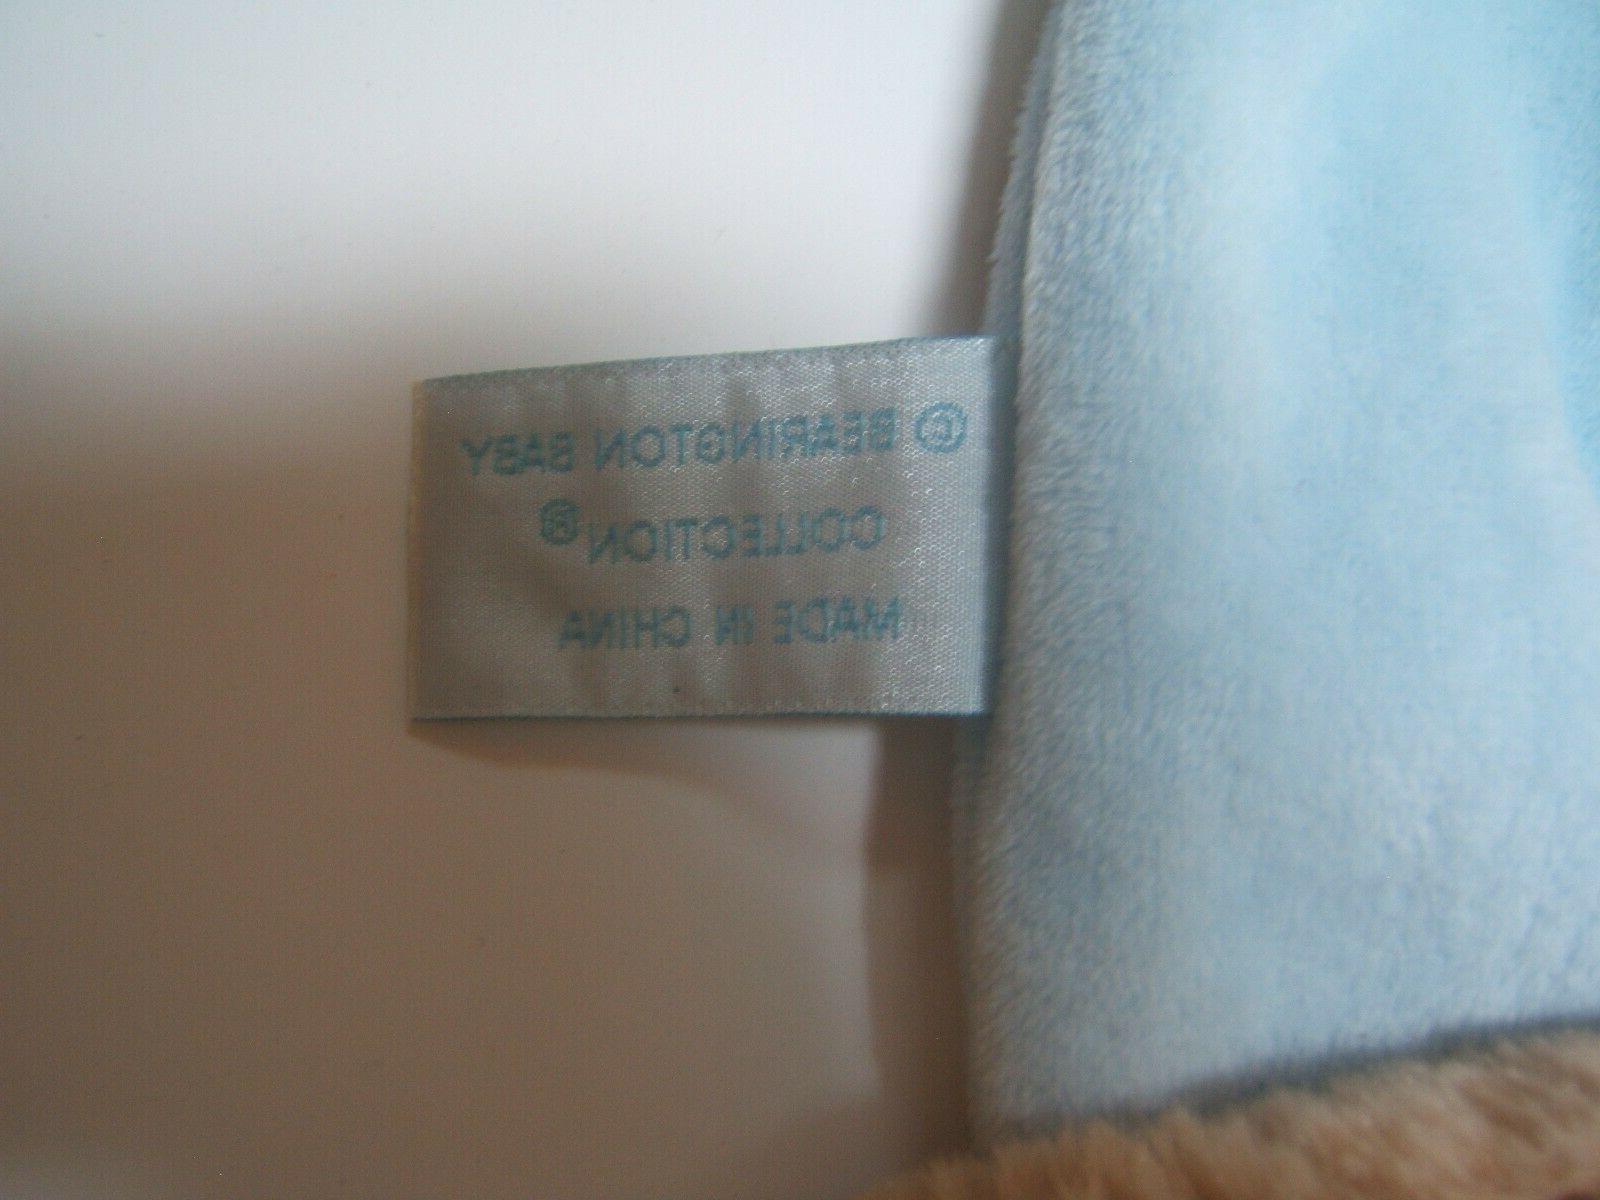 Bearington Bunny Tail Soft